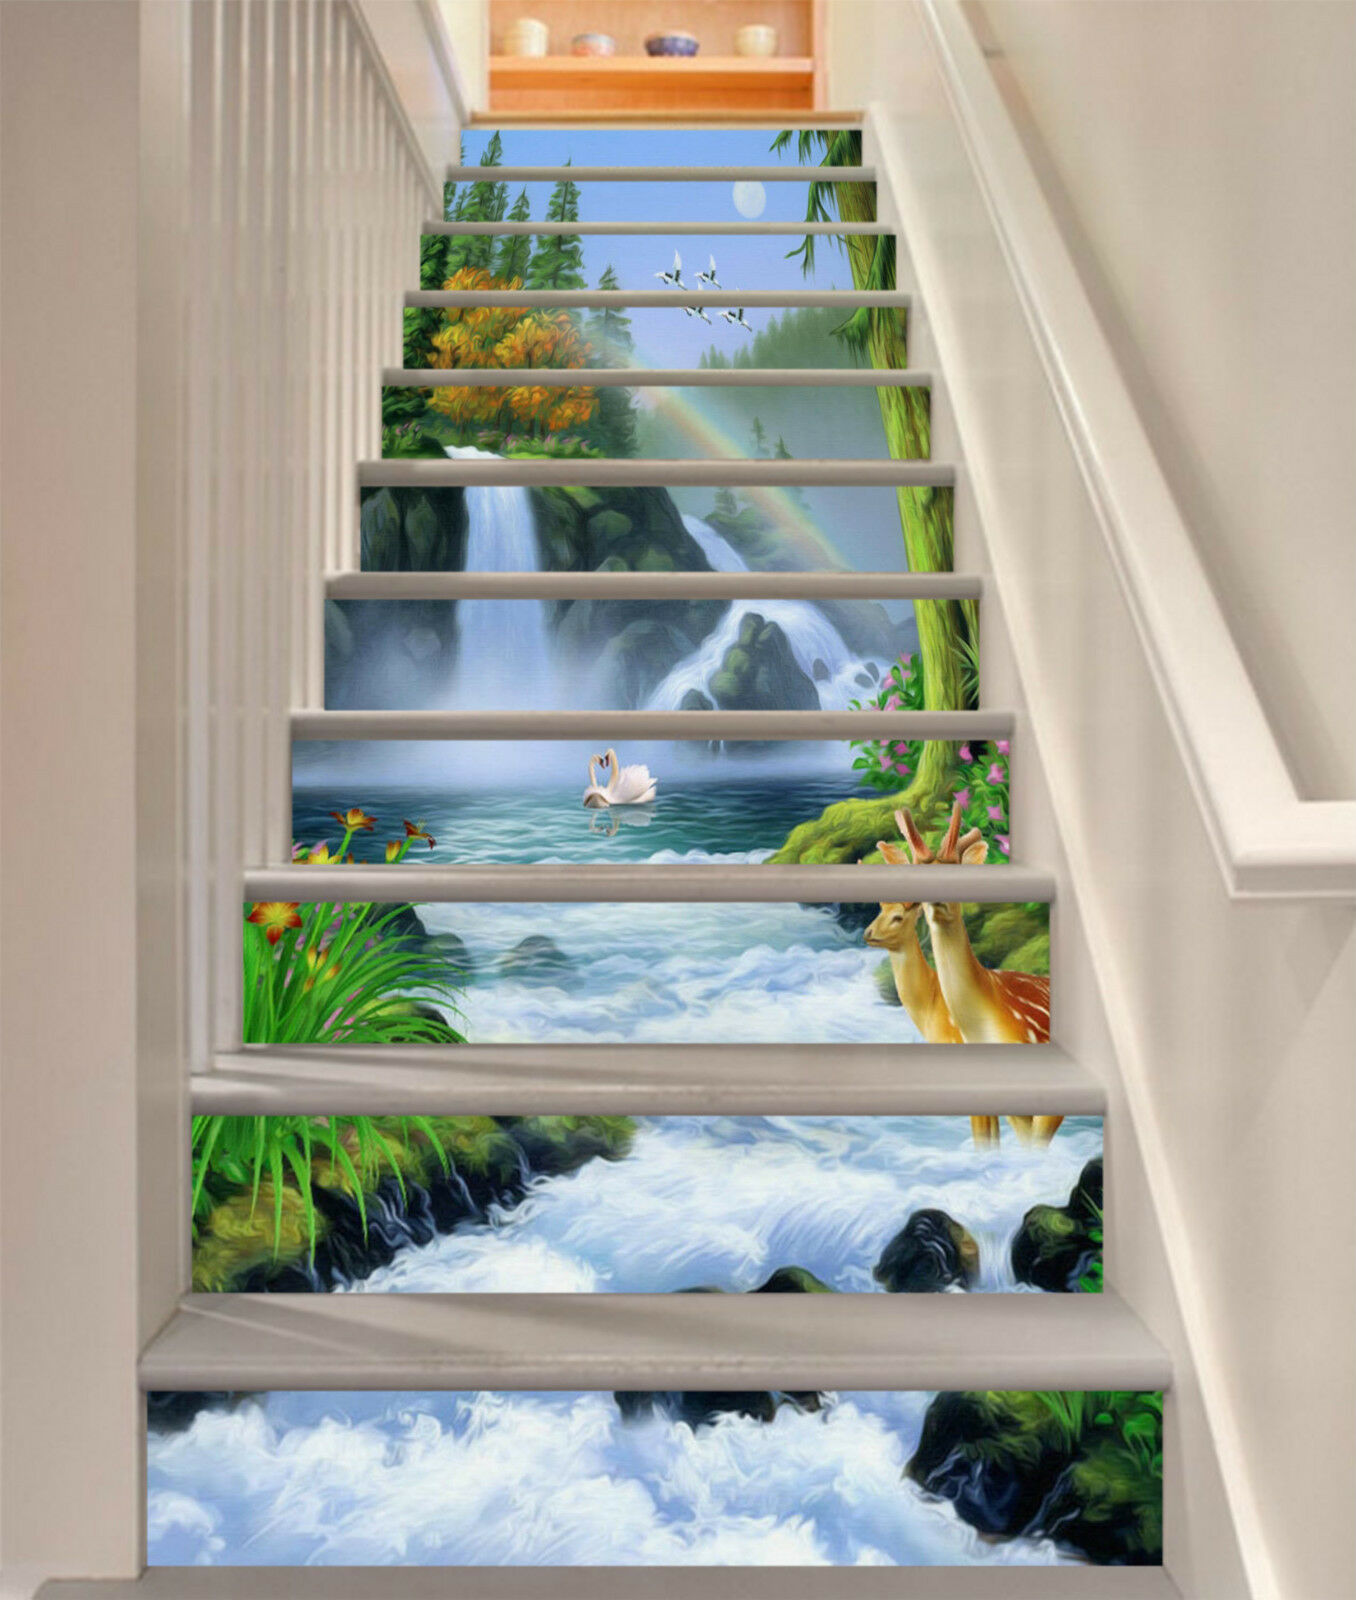 3d rivière cas 083 Stair Risers Décoration Papier Peint Vinyle Autocollant Papier Peint De